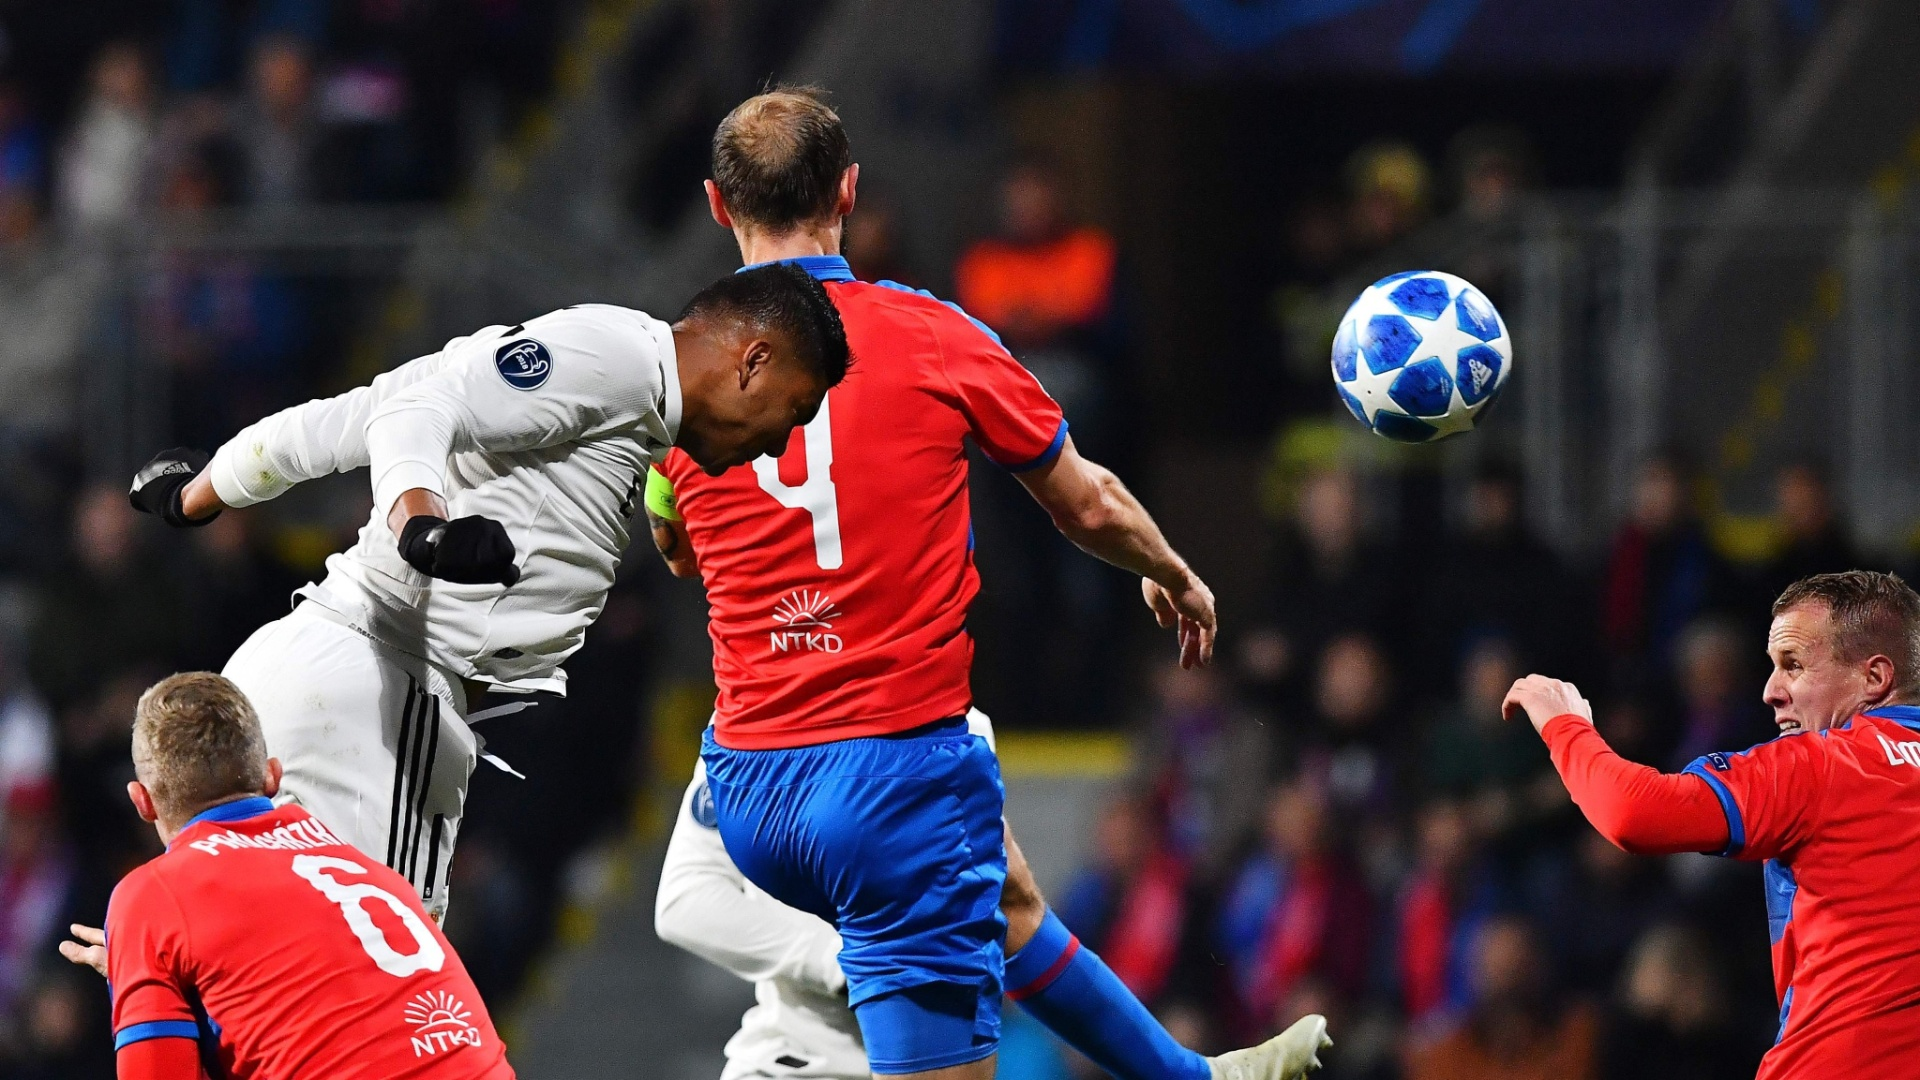 Casemiro escora de cabeça durante jogo entre Real Madrid e Viktoria Plzen